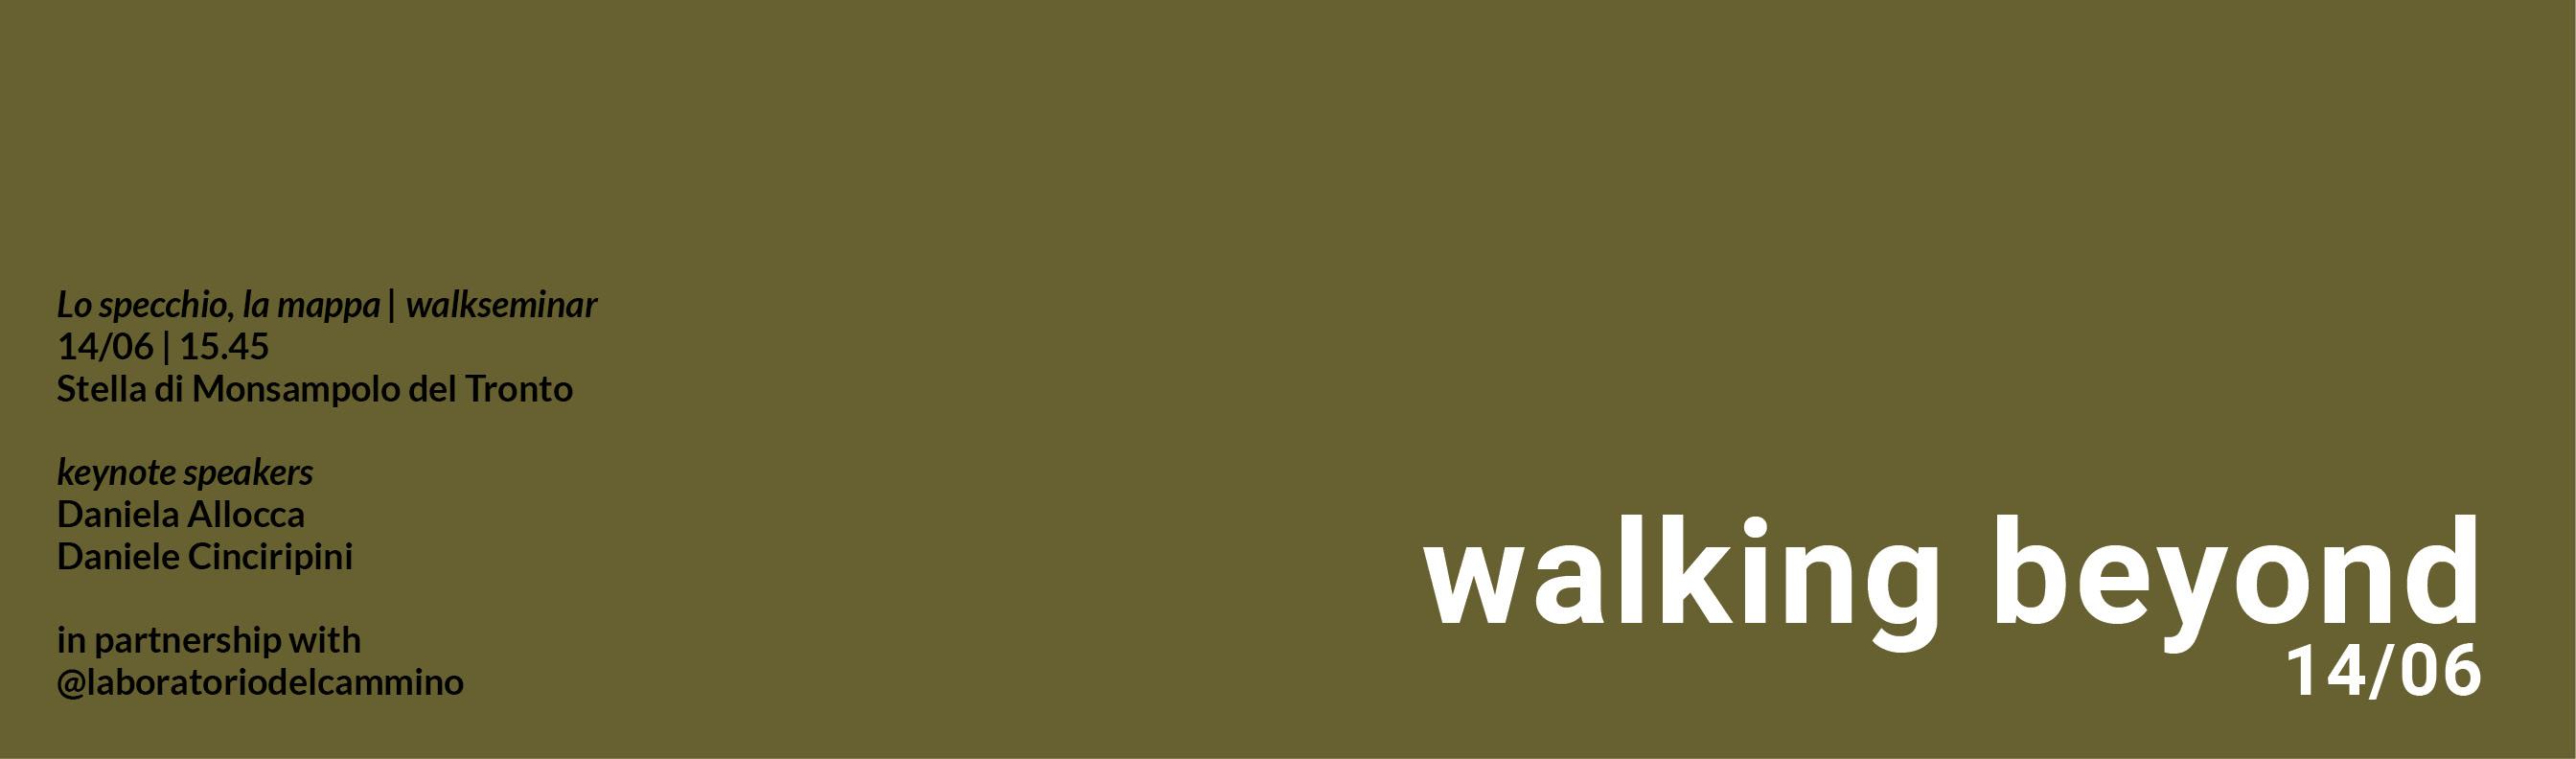 Walking beyond